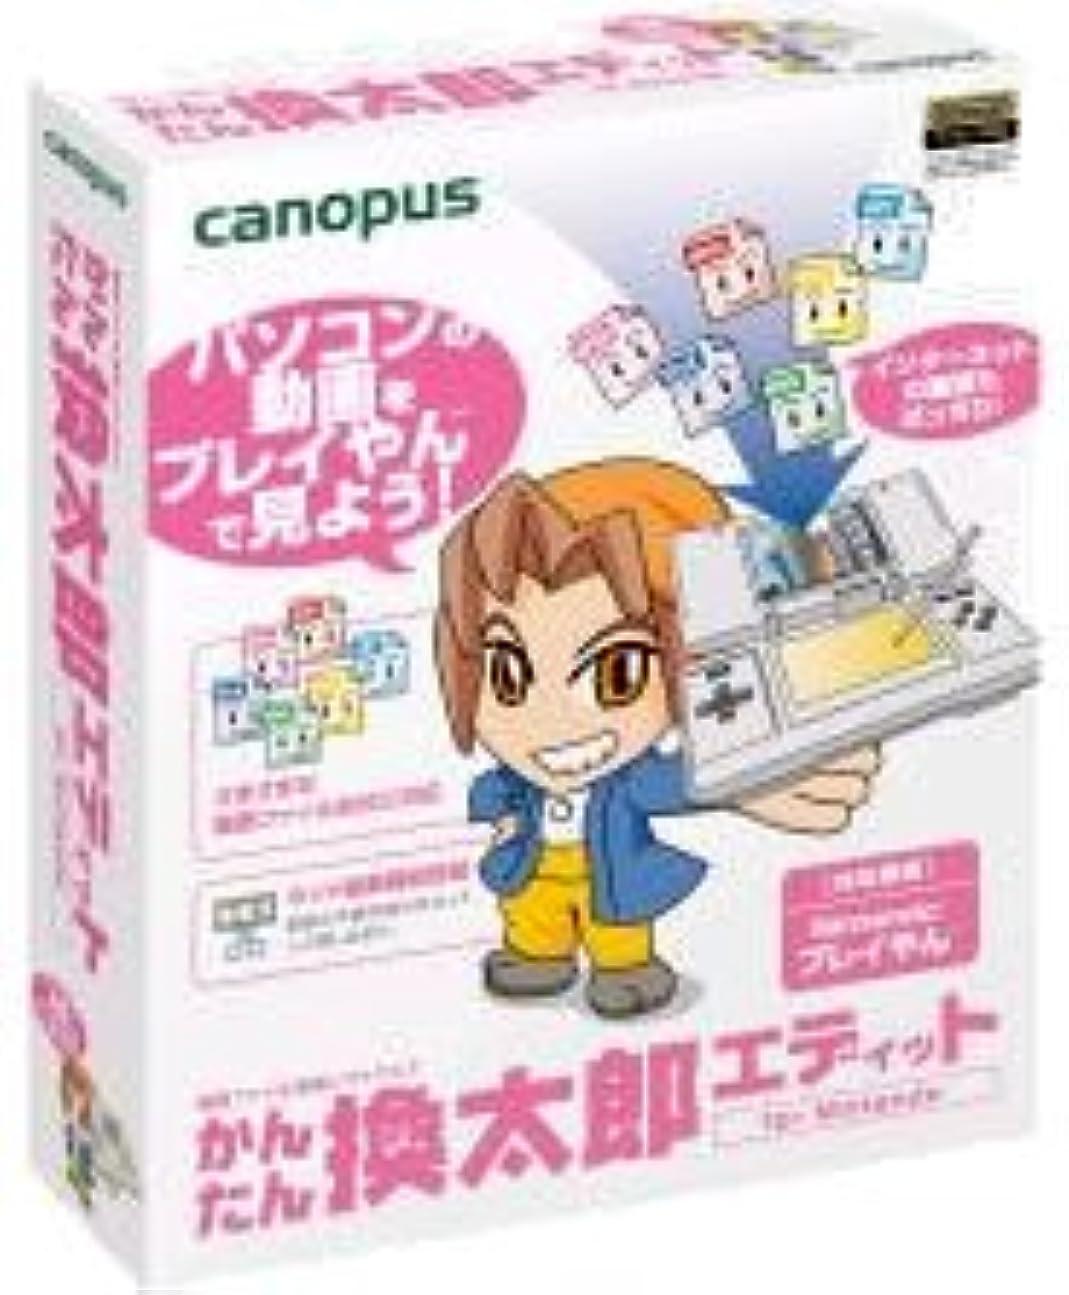 比率ショット四面体かんたん換太郎エディット for Nintendo